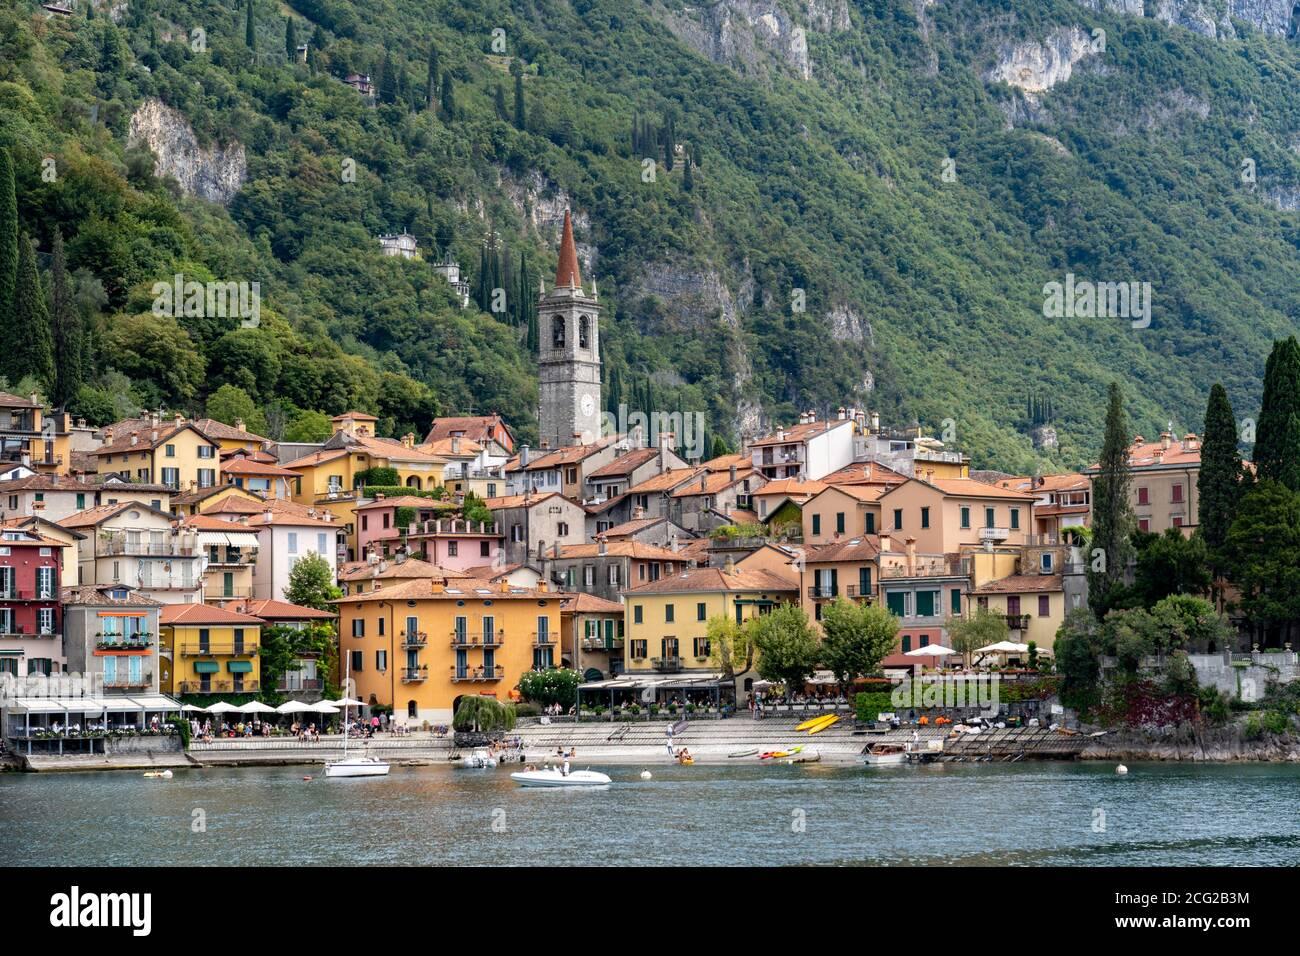 Italia. Lombardía. Lago como. El colorido pueblo de Varenna Foto de stock